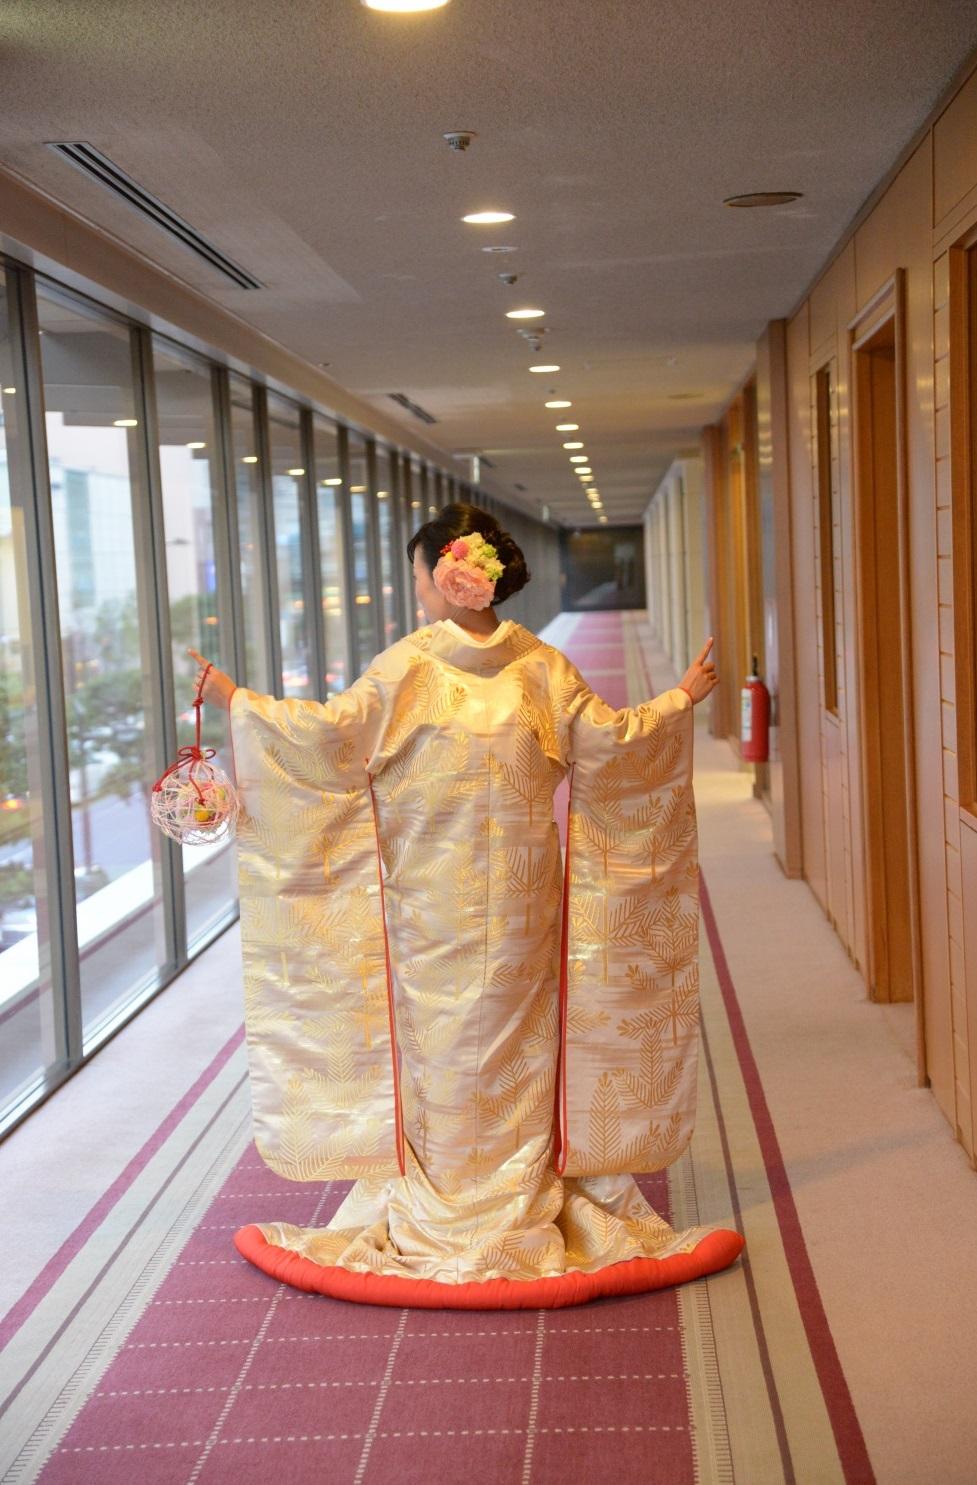 新郎新婦様からのメール 帝国ホテルの花嫁さまより 和装の手まりボールブーケ_a0042928_18594523.jpg